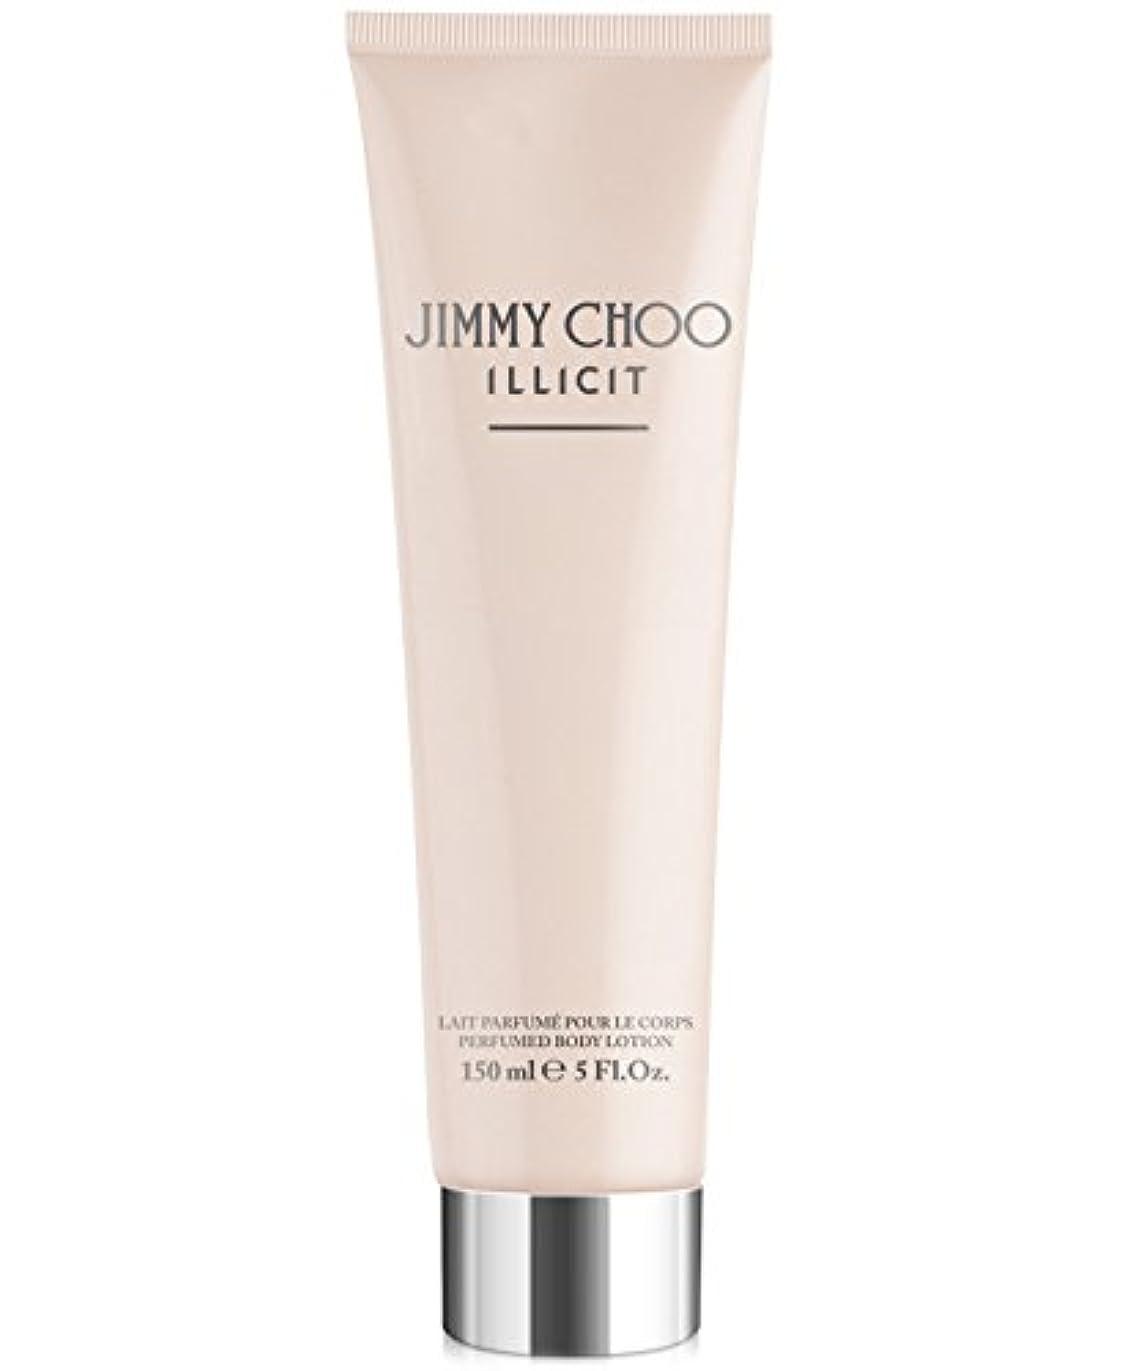 あるはがき不当Jimmy Choo Illicit (ジミー チュー イリシット) 5.0 oz (150ml) Body Lotion for Women